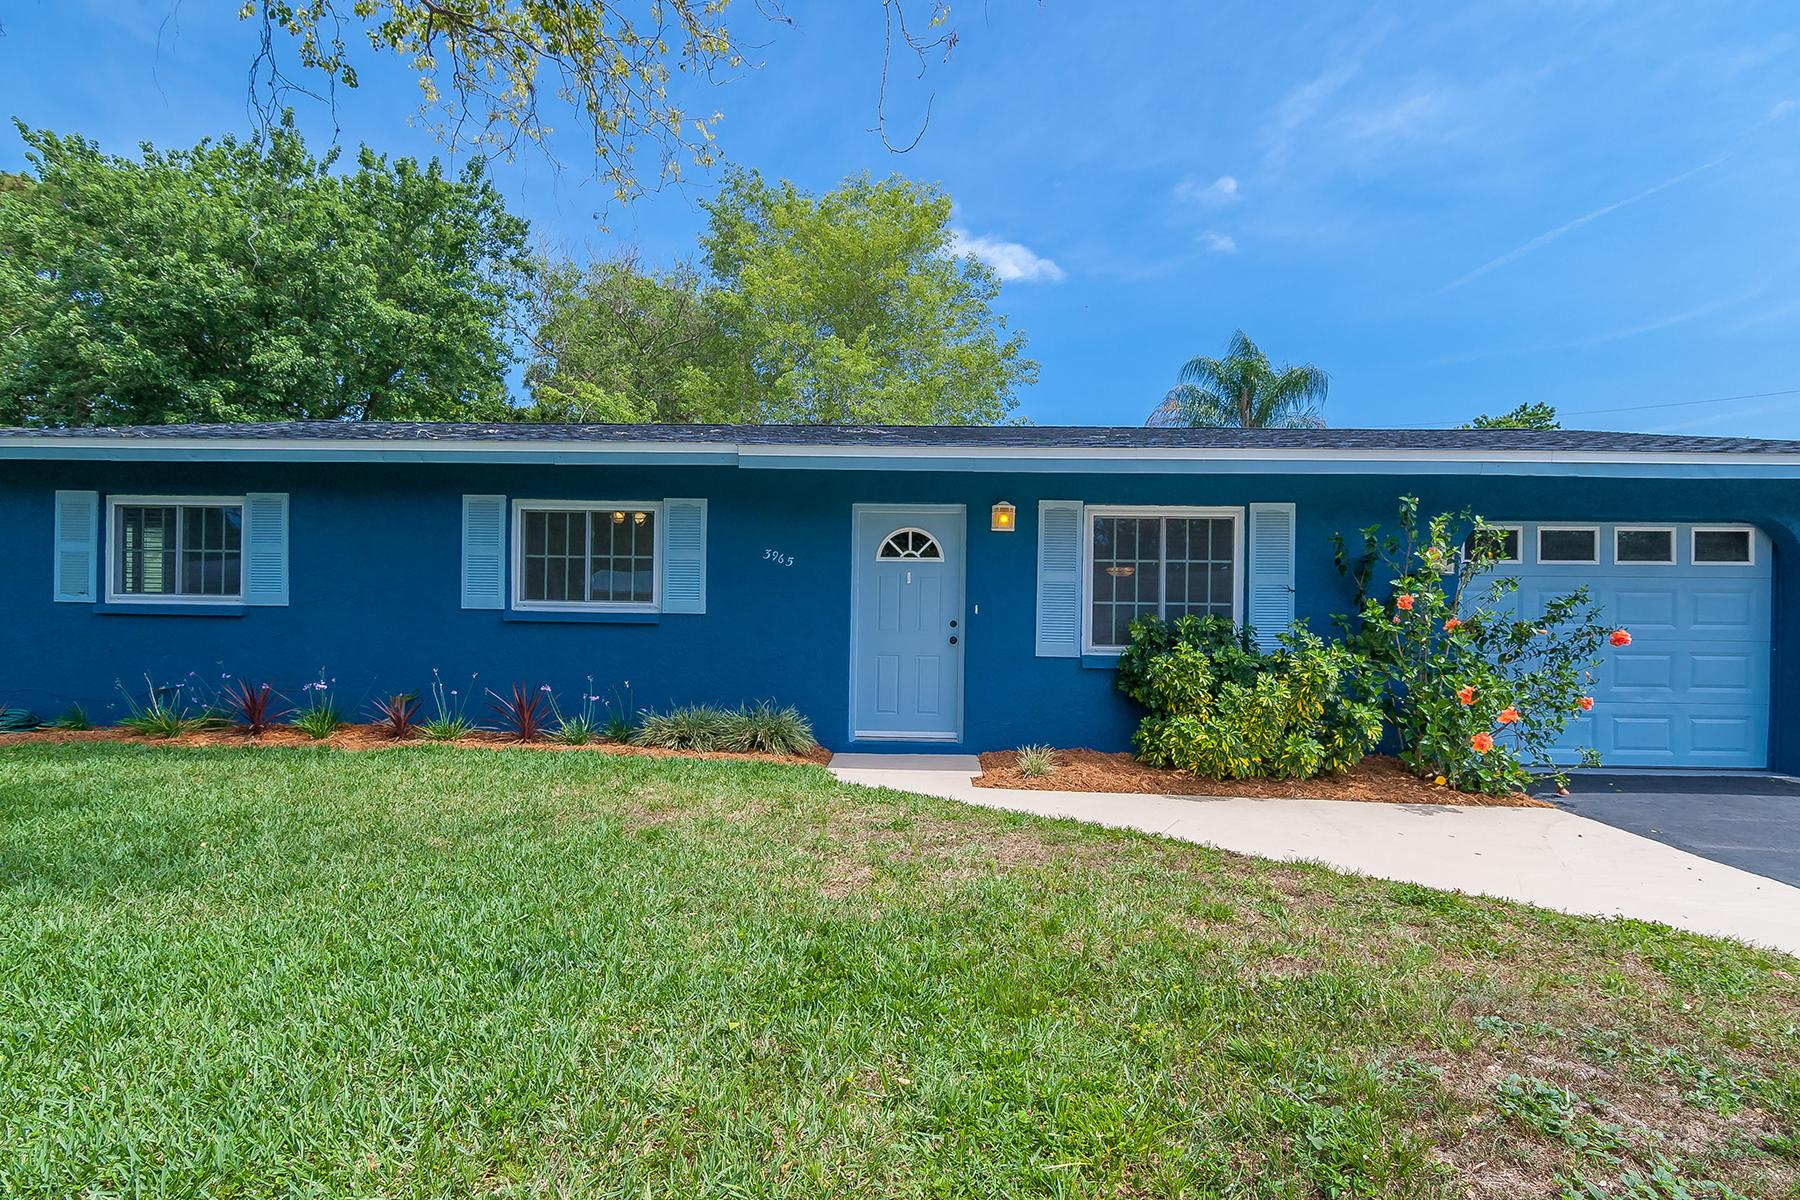 단독 가정 주택 용 매매 에 SARASOTA SPRINGS 3965 Corona Ln Sarasota, 플로리다, 34232 미국